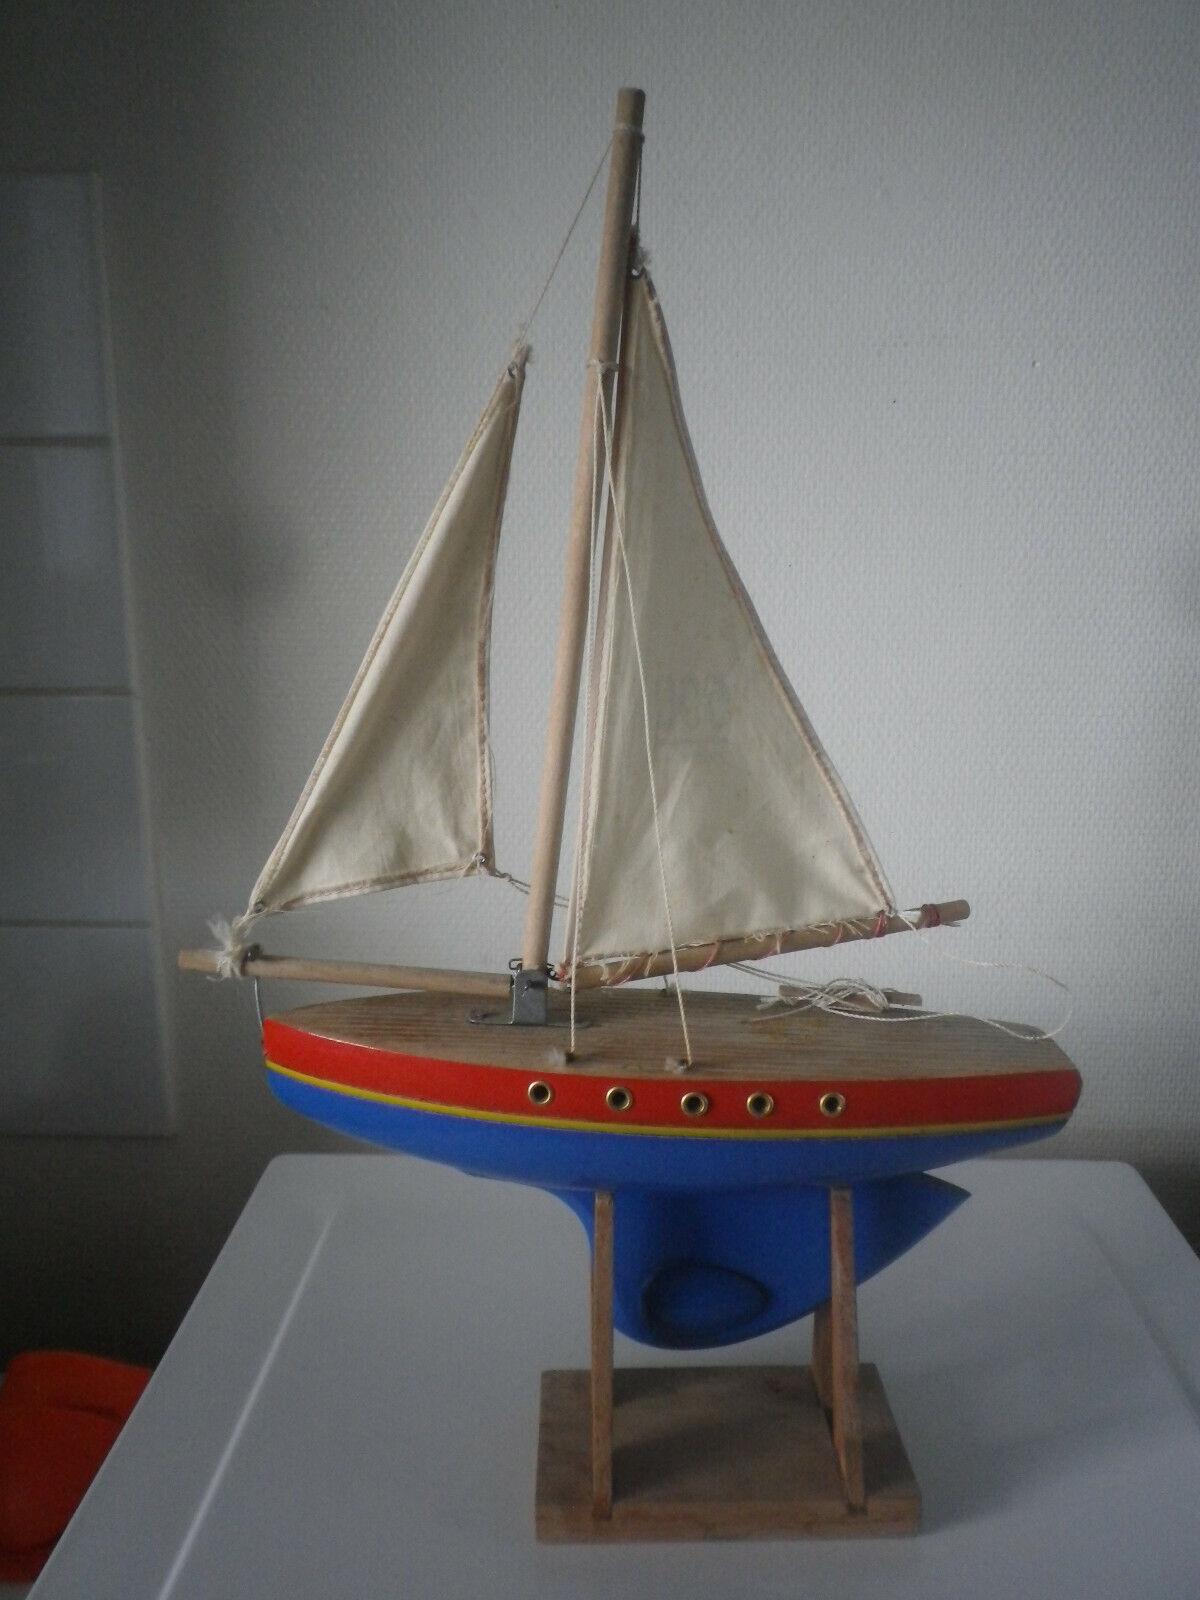 Ancien canot bateau voilier de bassin bois, boat